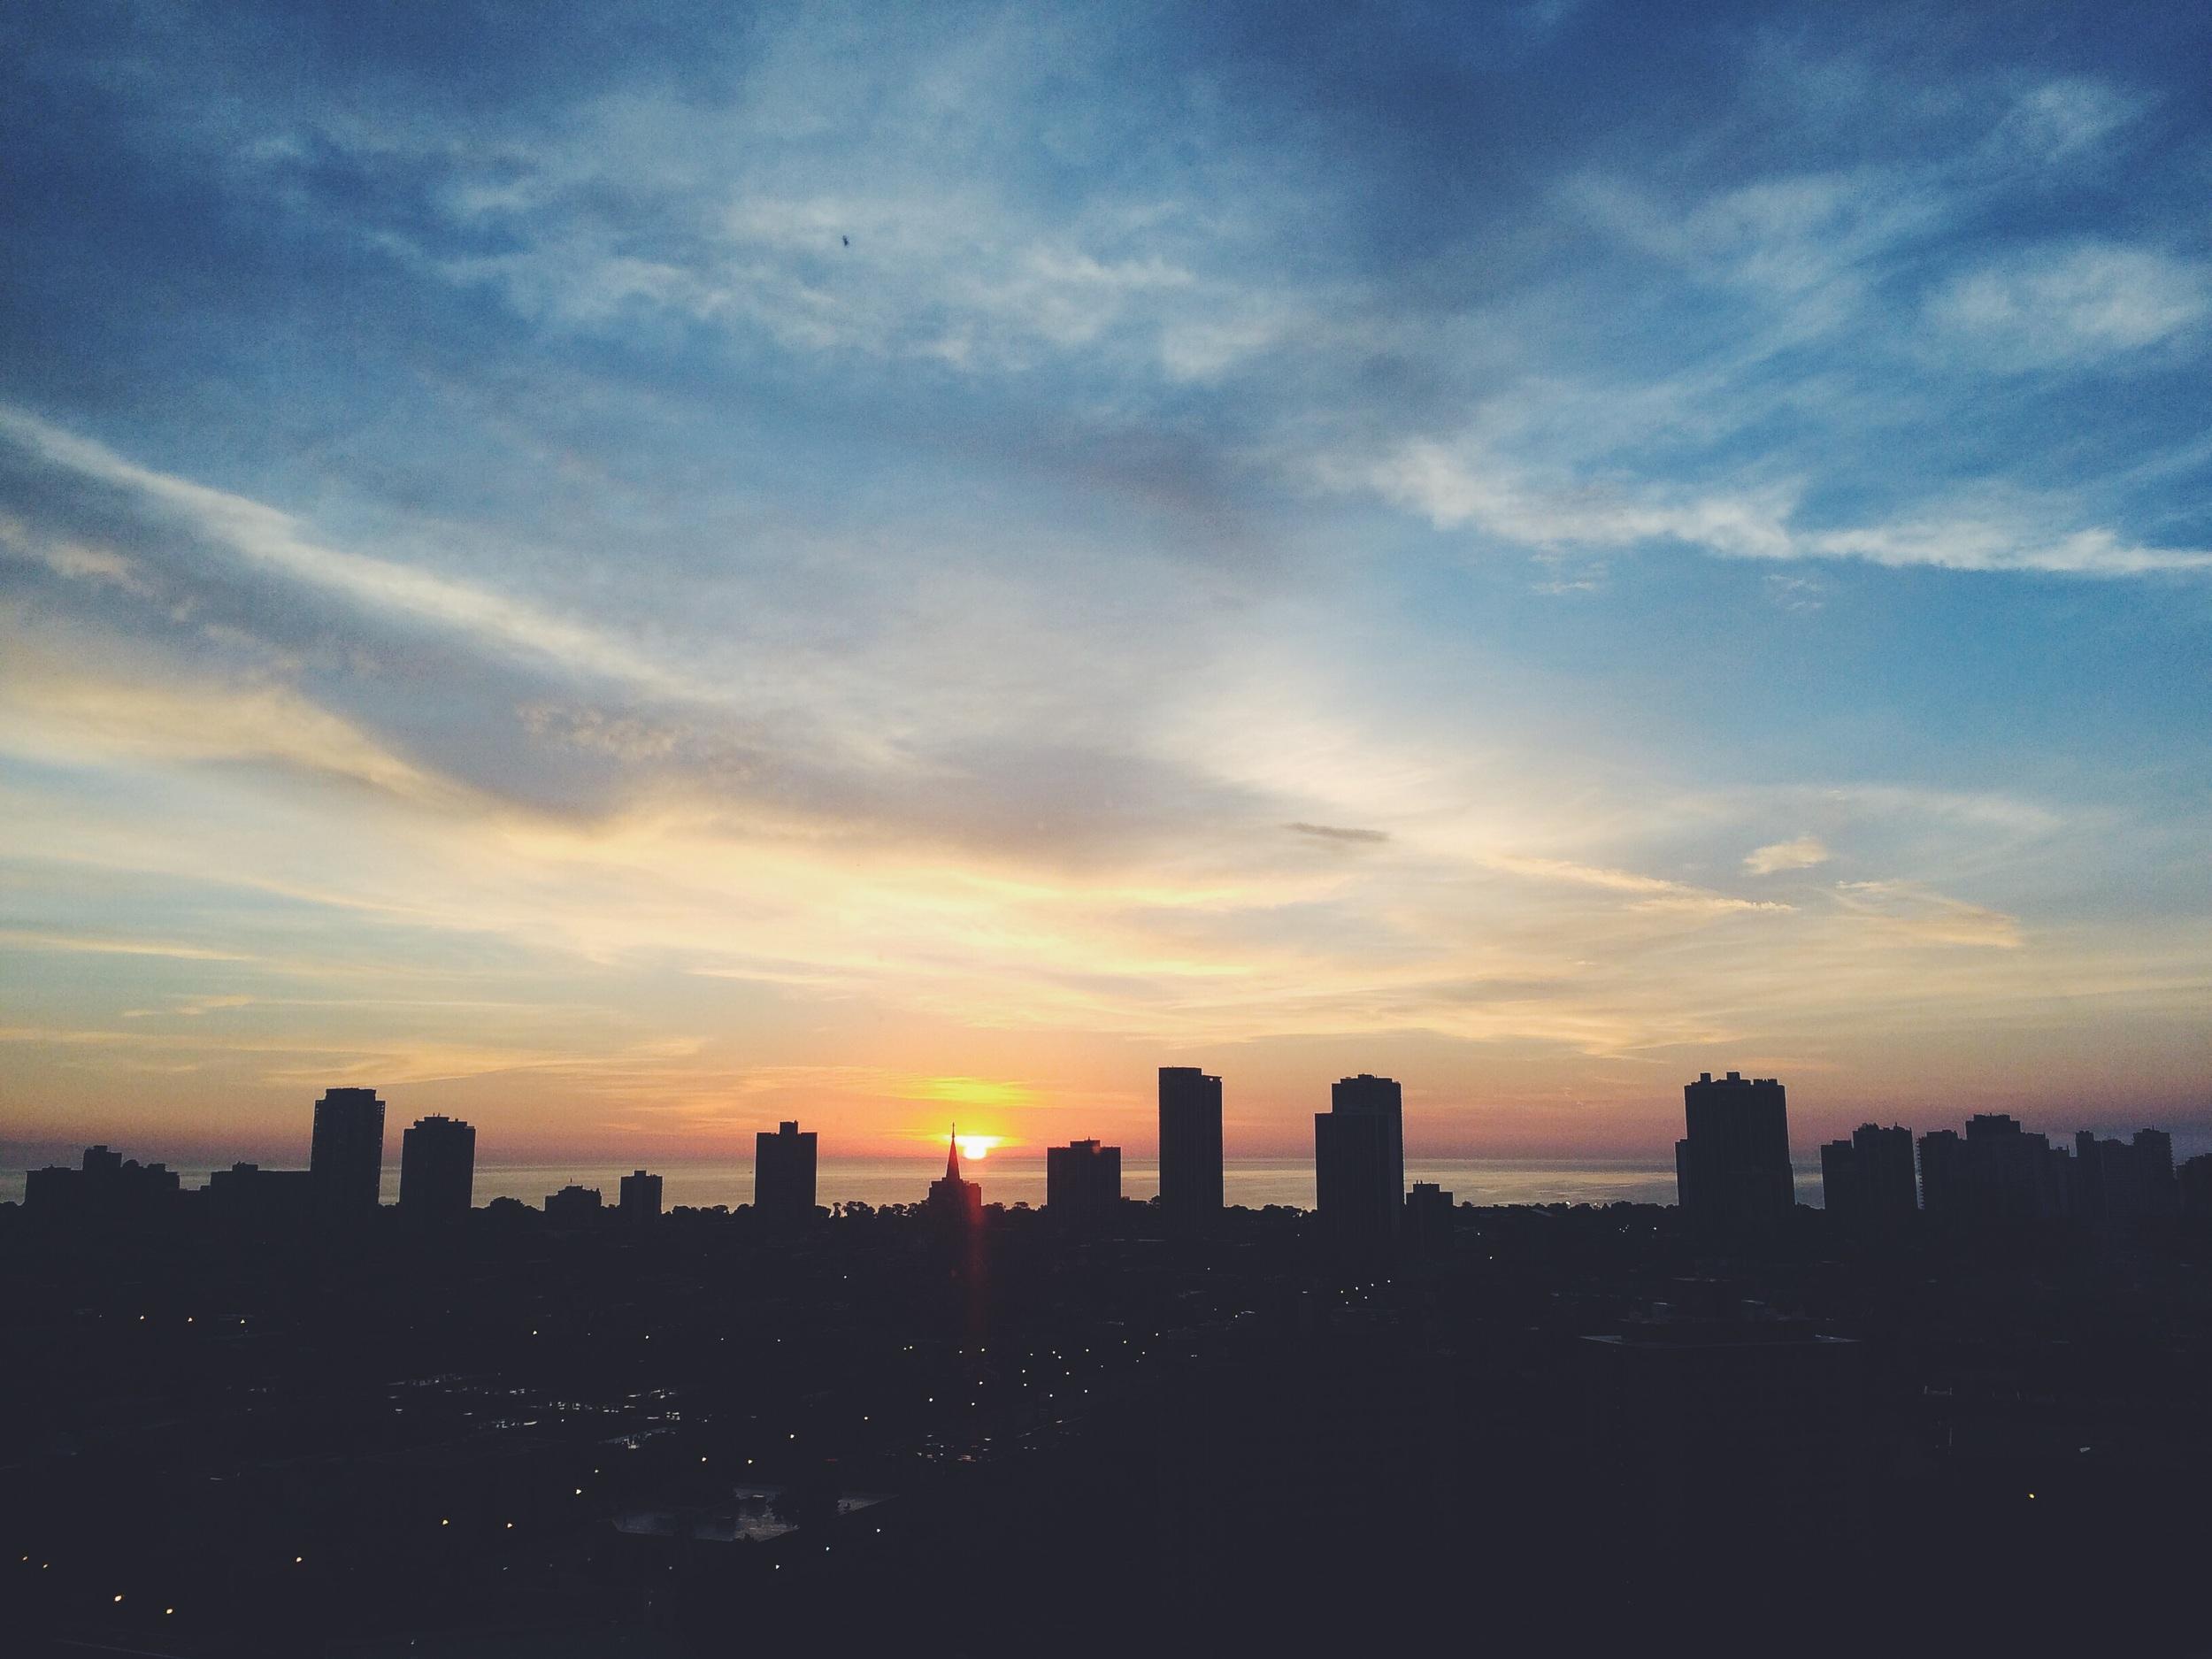 From Chicago winter sunrises, so summer sunrises.